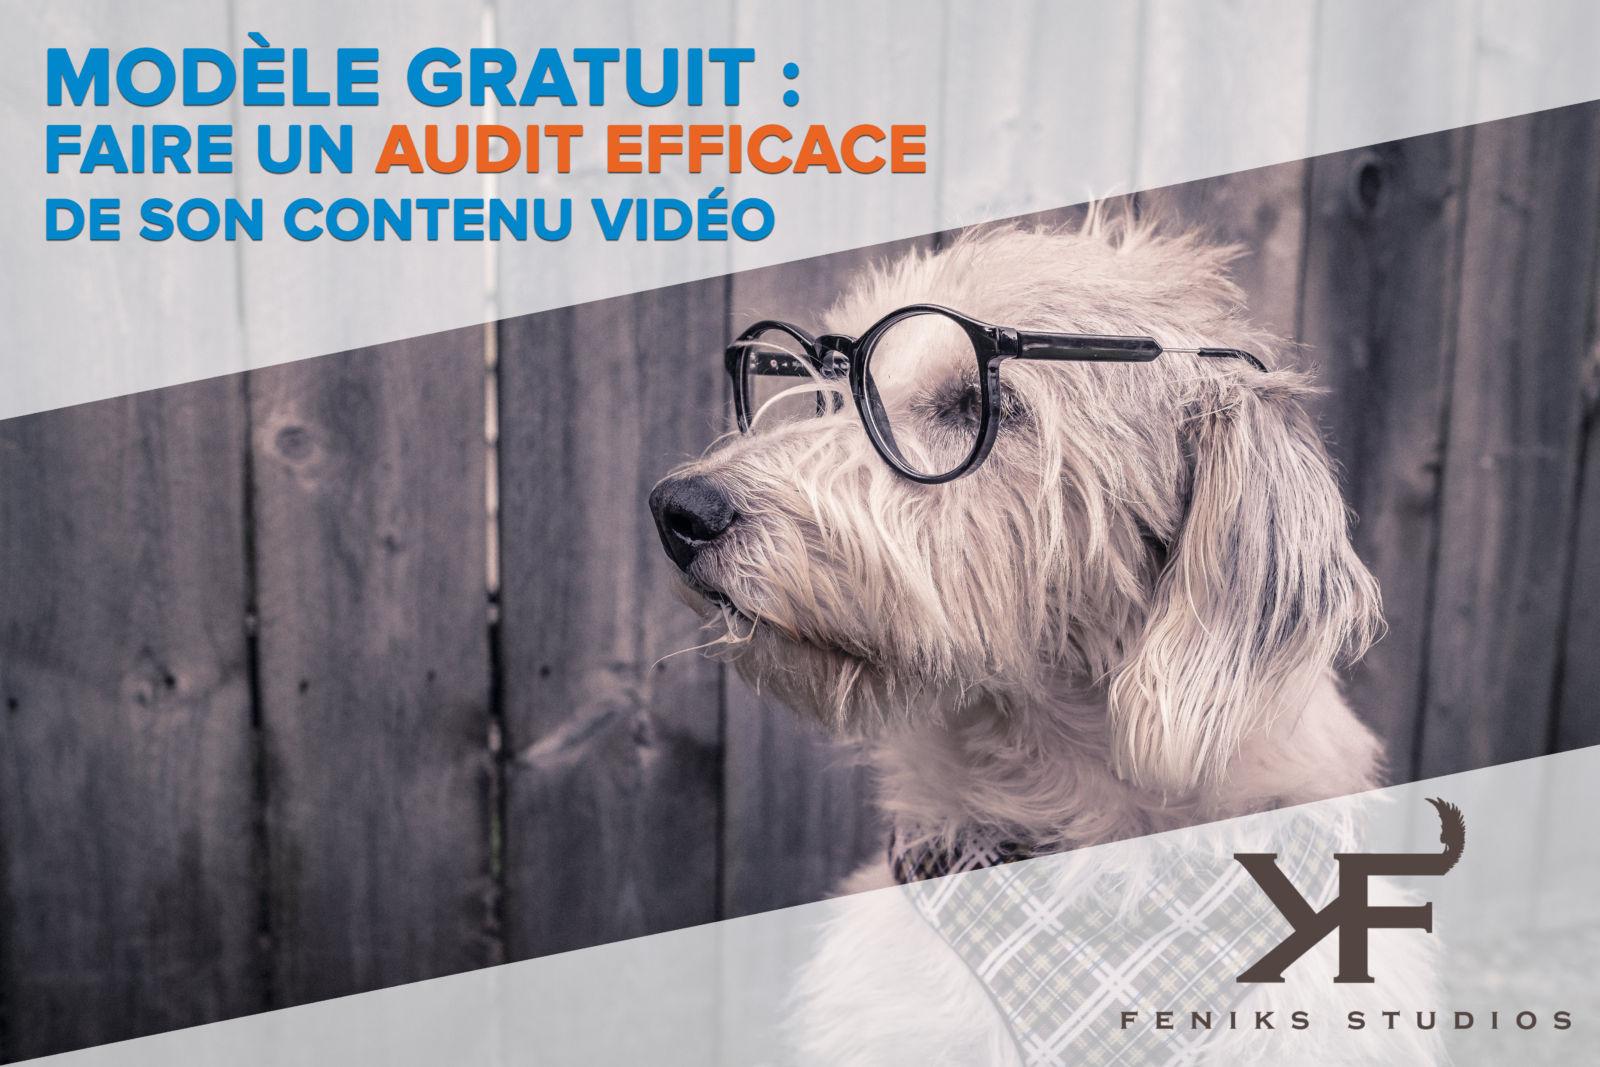 Modèle gratuit : Faire un Audit Efficace de son Contenu Vidéo